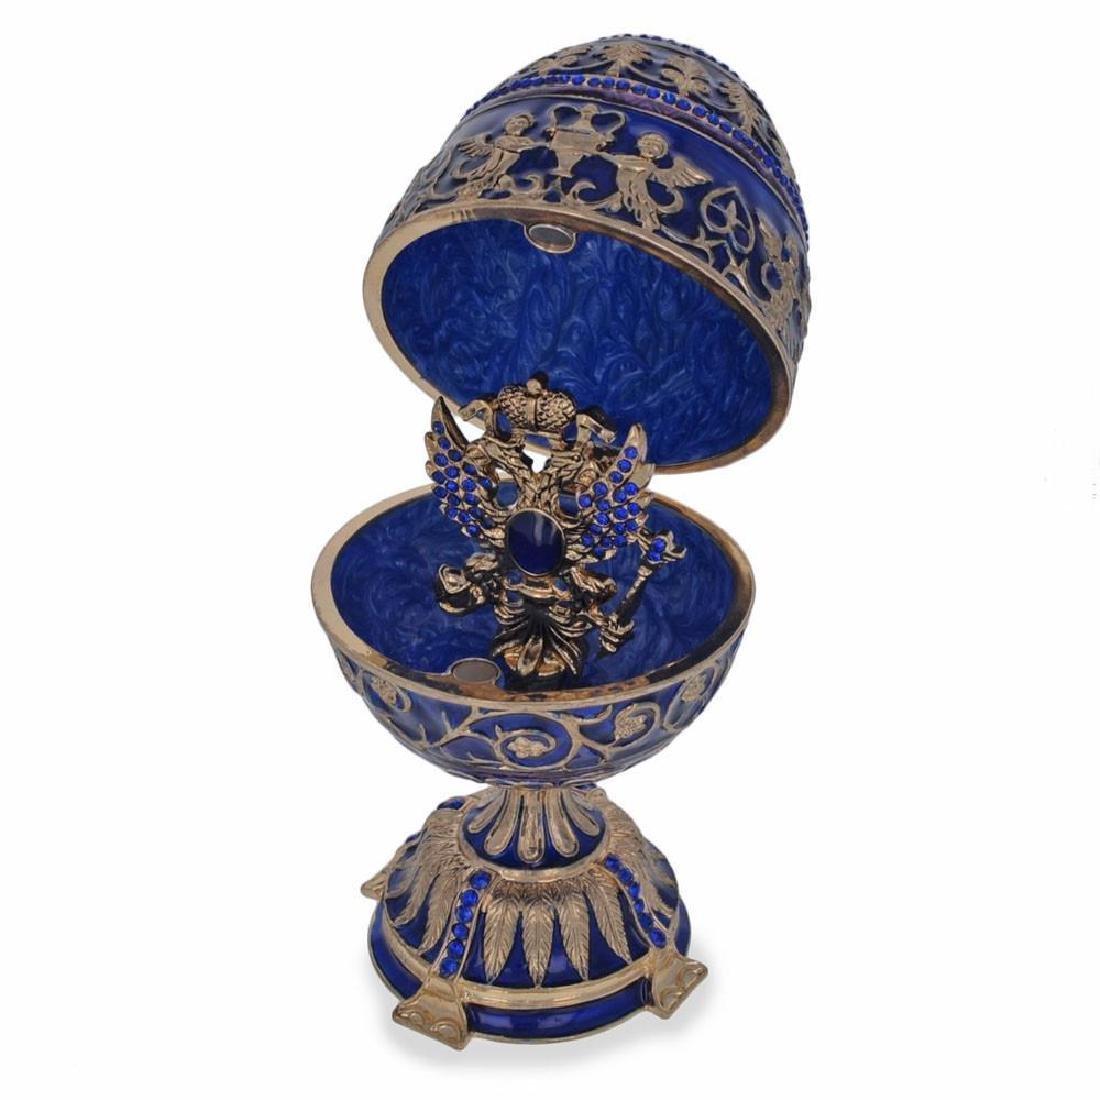 """1912 Tsarevich Faberge Egg 5.5"""" - 2"""